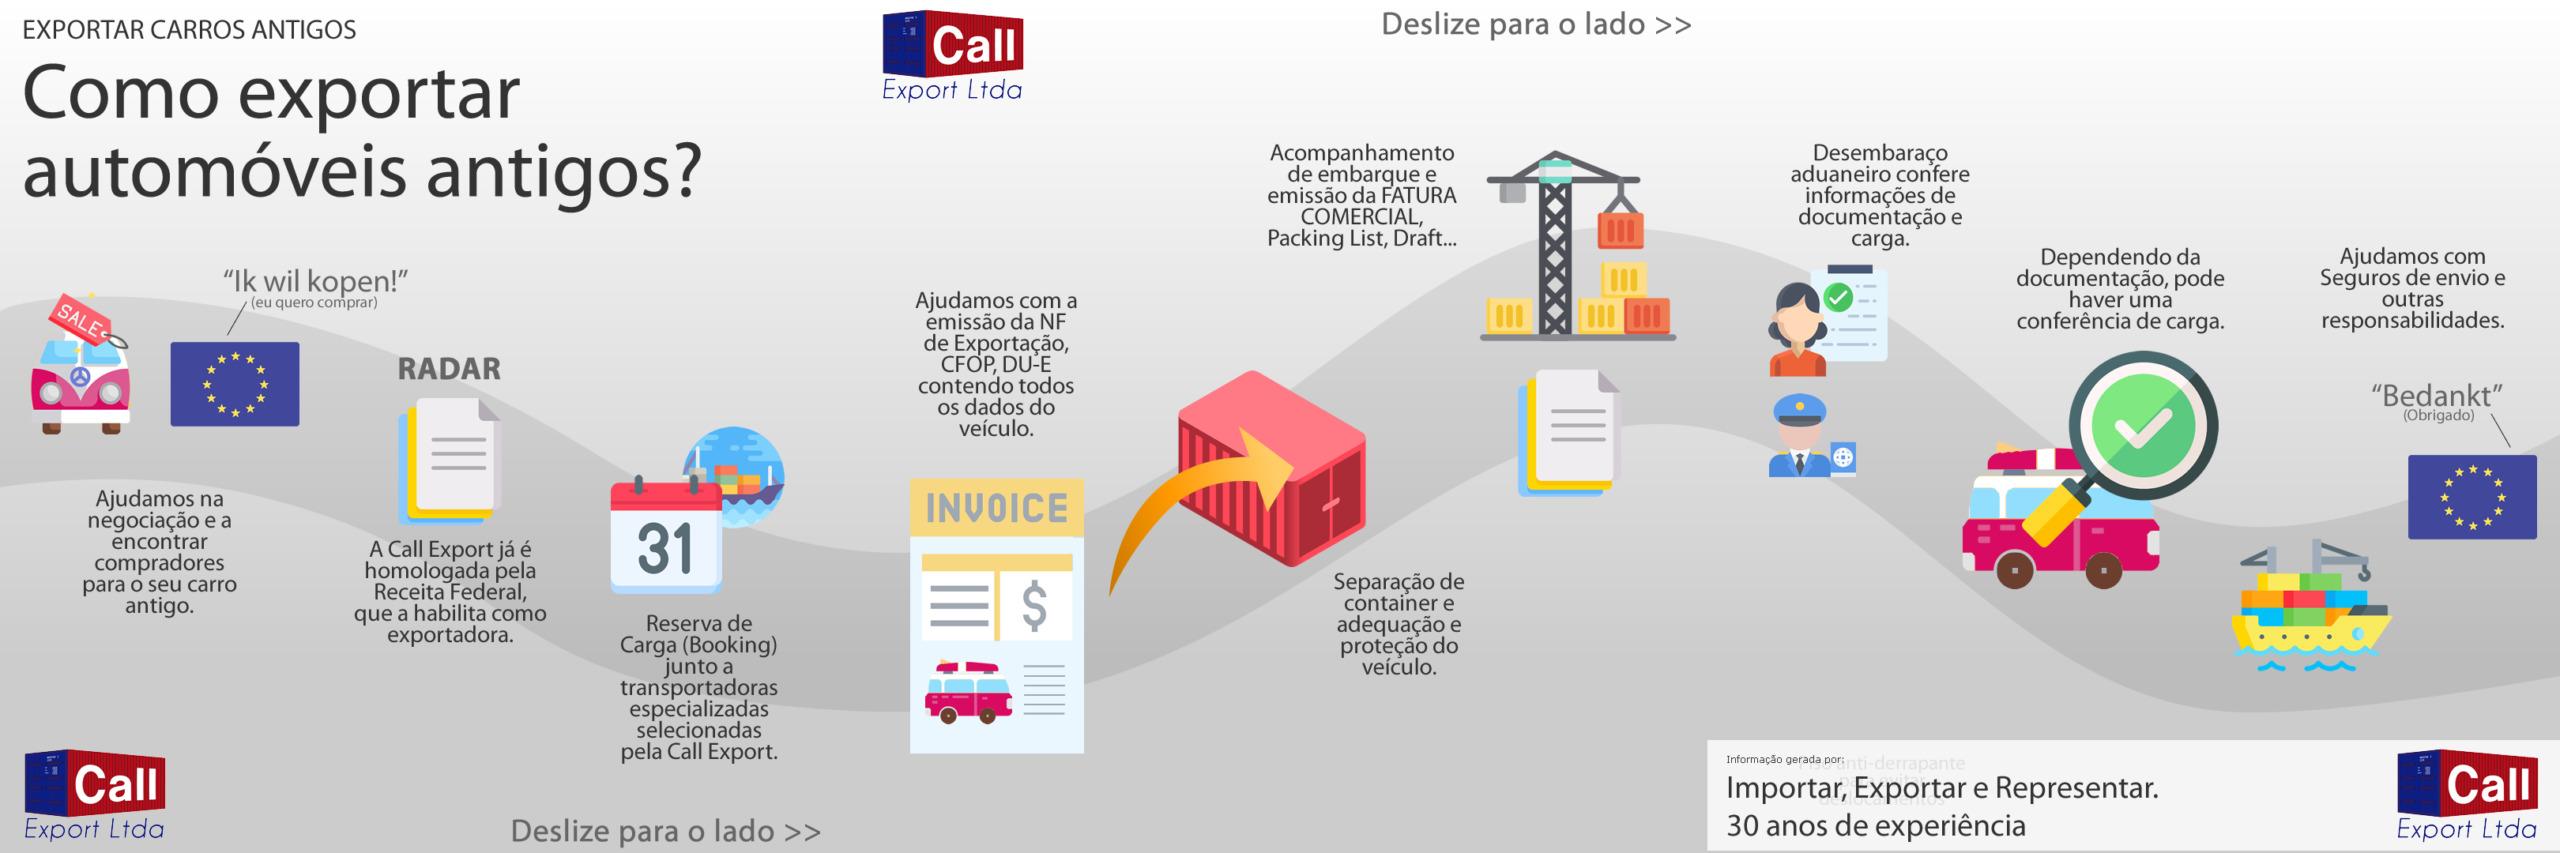 Call Export mostra o passo a passo de como exportar carros antigos. Infográfico por SNC Mídia.